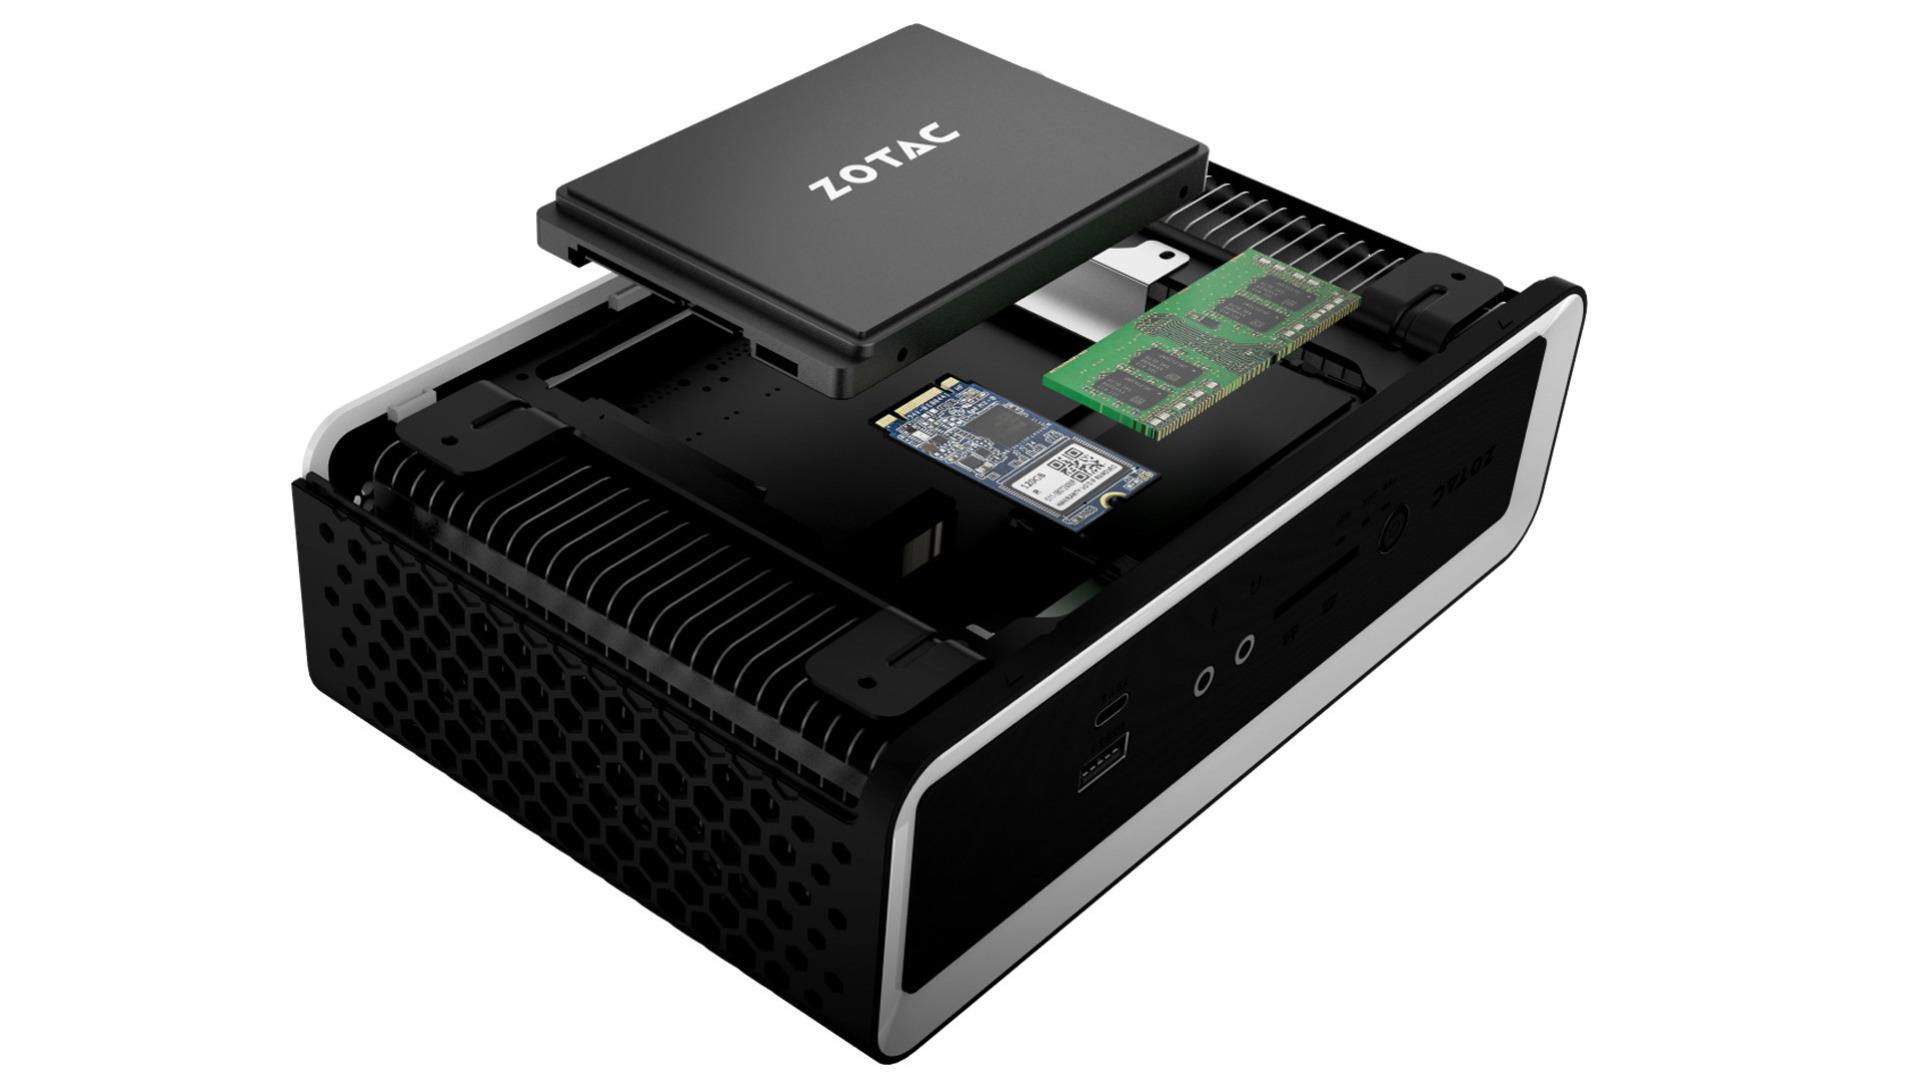 Pc, Intel, Desktop, mini-pc, Desktop-PC, NUC, Kleinst-PC, Mini-Desktop, Zotac, Tiger Lake, Barebone, Nano, passiv, Zbox, lüfterlos, fanless, Zotac ZBox nano CI665